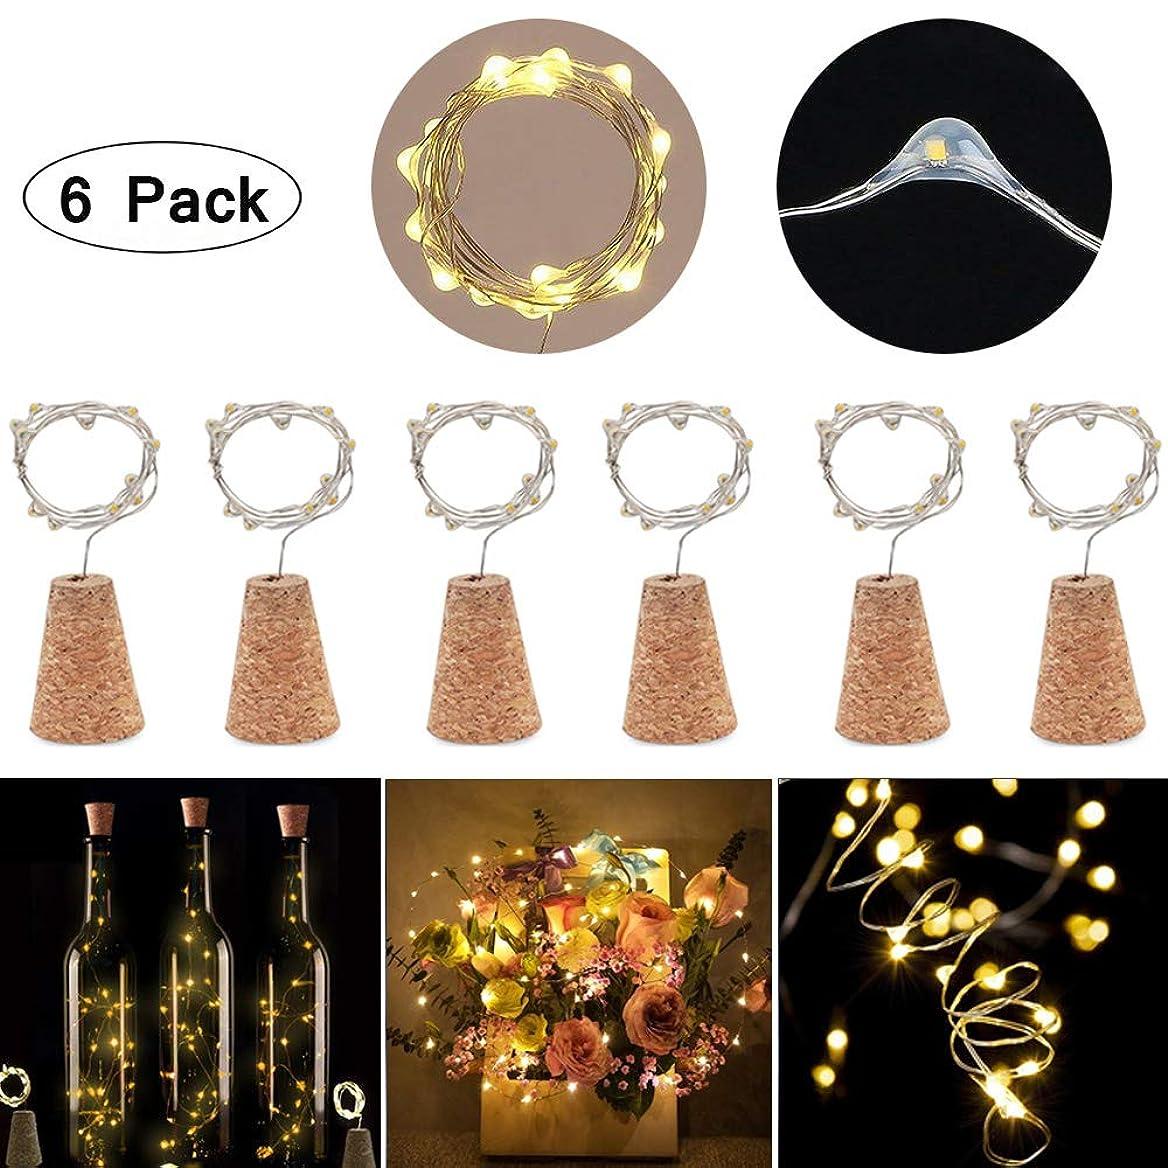 差別化する想像するルビー6個セット コルクストリングライト LEDイルミネーションライト ワインボトルライト 防水 3種の点灯モード 15LED電球 コルクの栓型 パーティー 結婚式 クリスマス DIY飾り 装飾用 (ウォーム 6個)